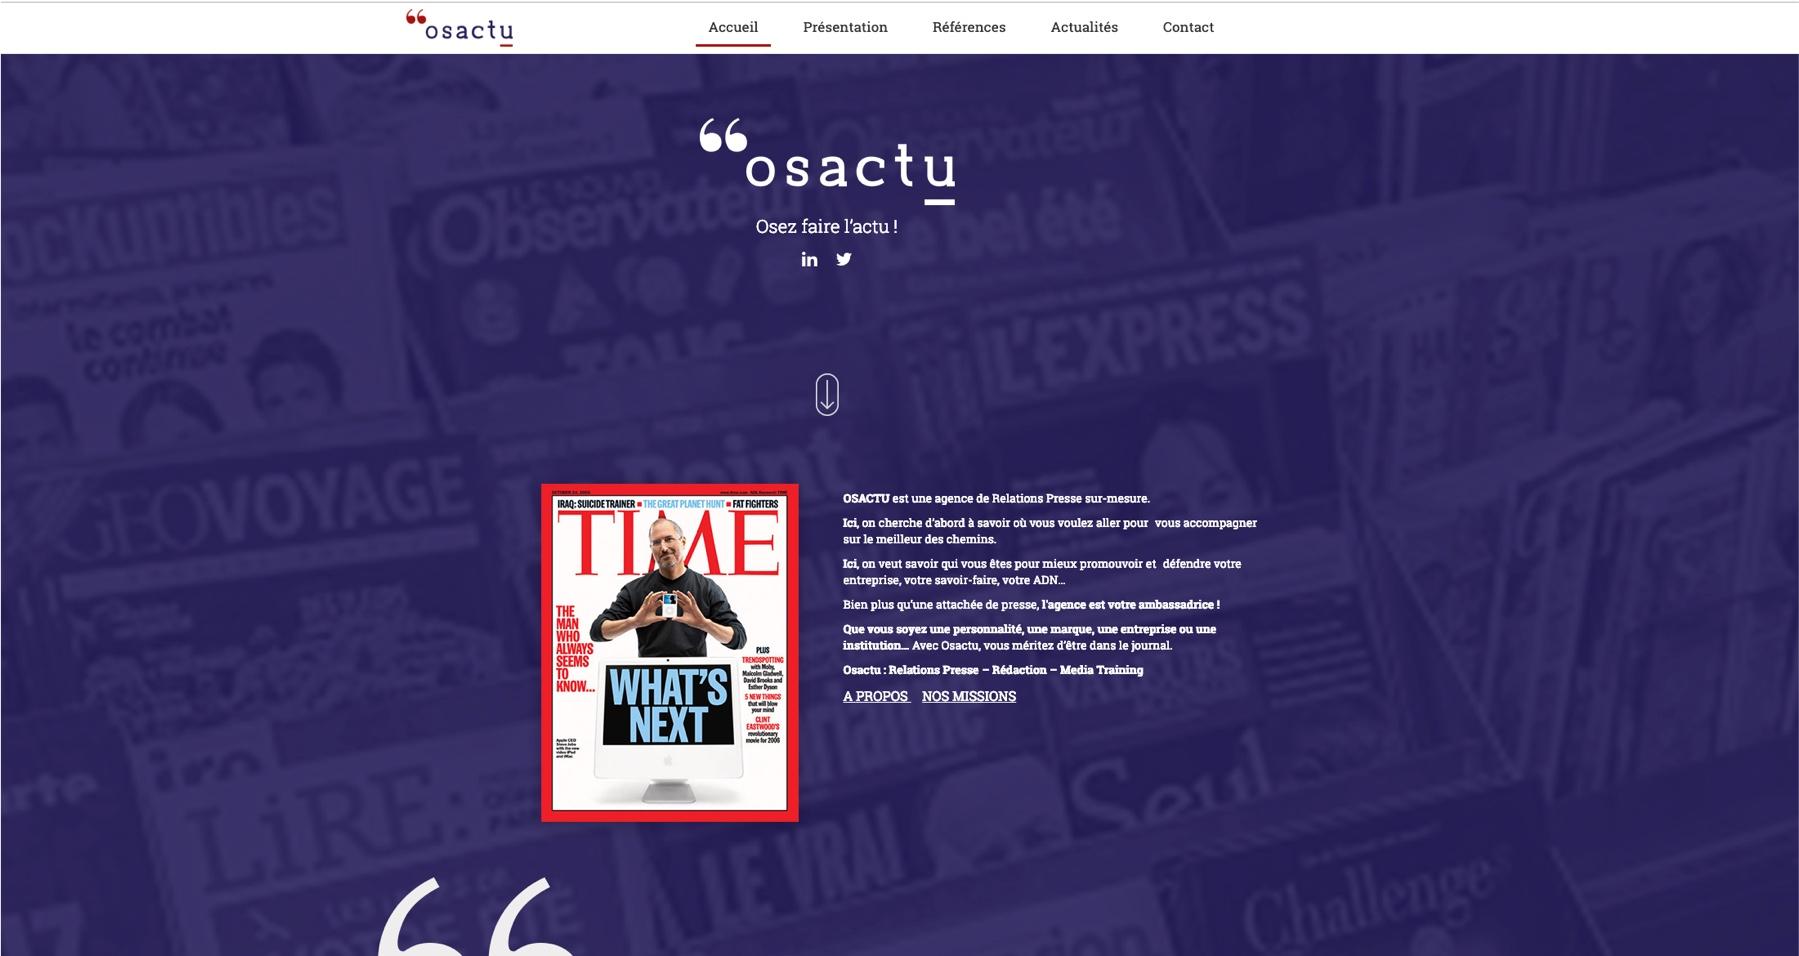 Anthem création création de site internet à reims osactu site internet